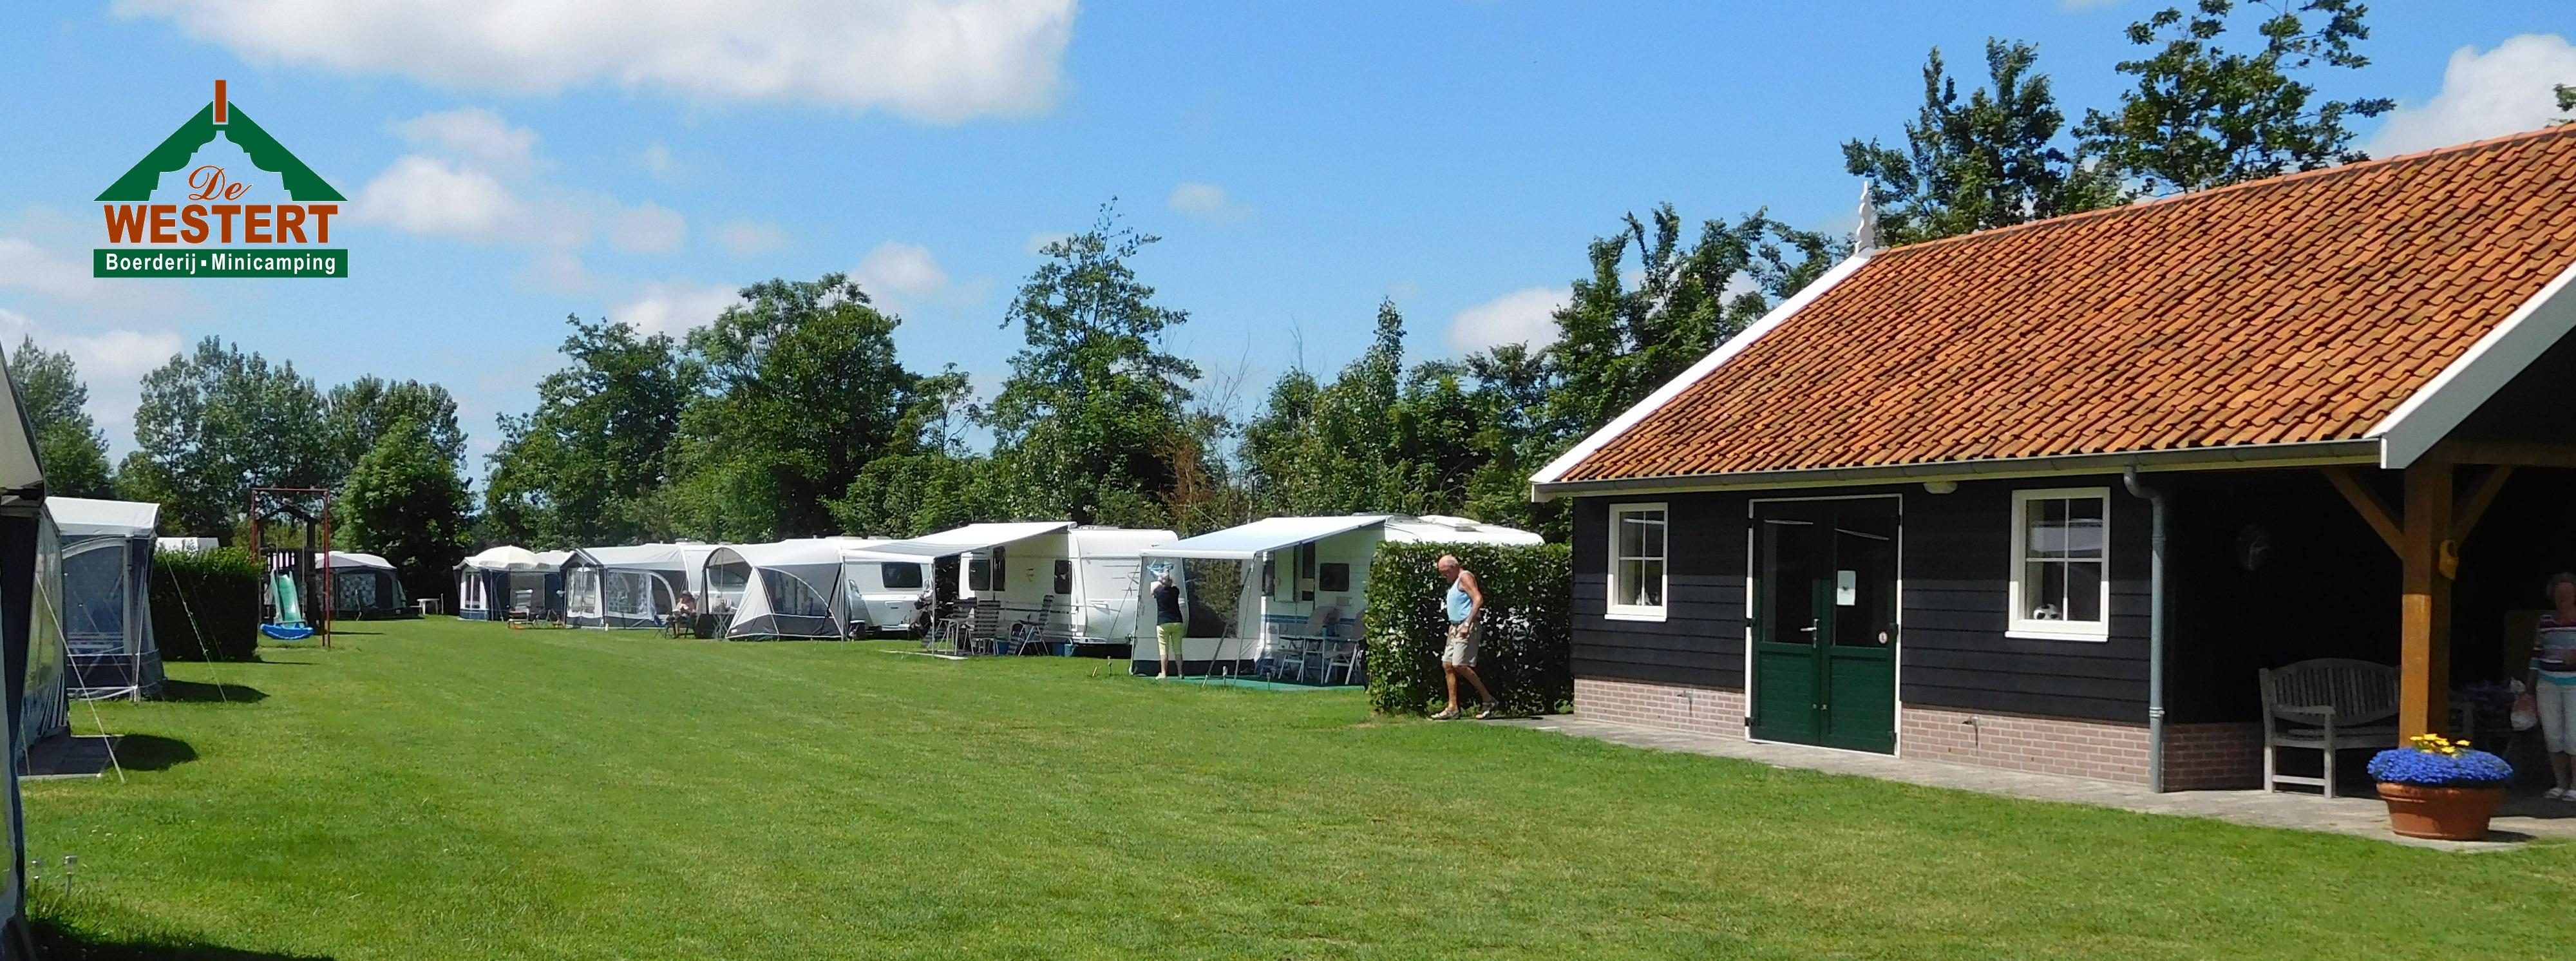 Minicamping en boerderij de Westert | kleine camping aan het strand in Noord Holland